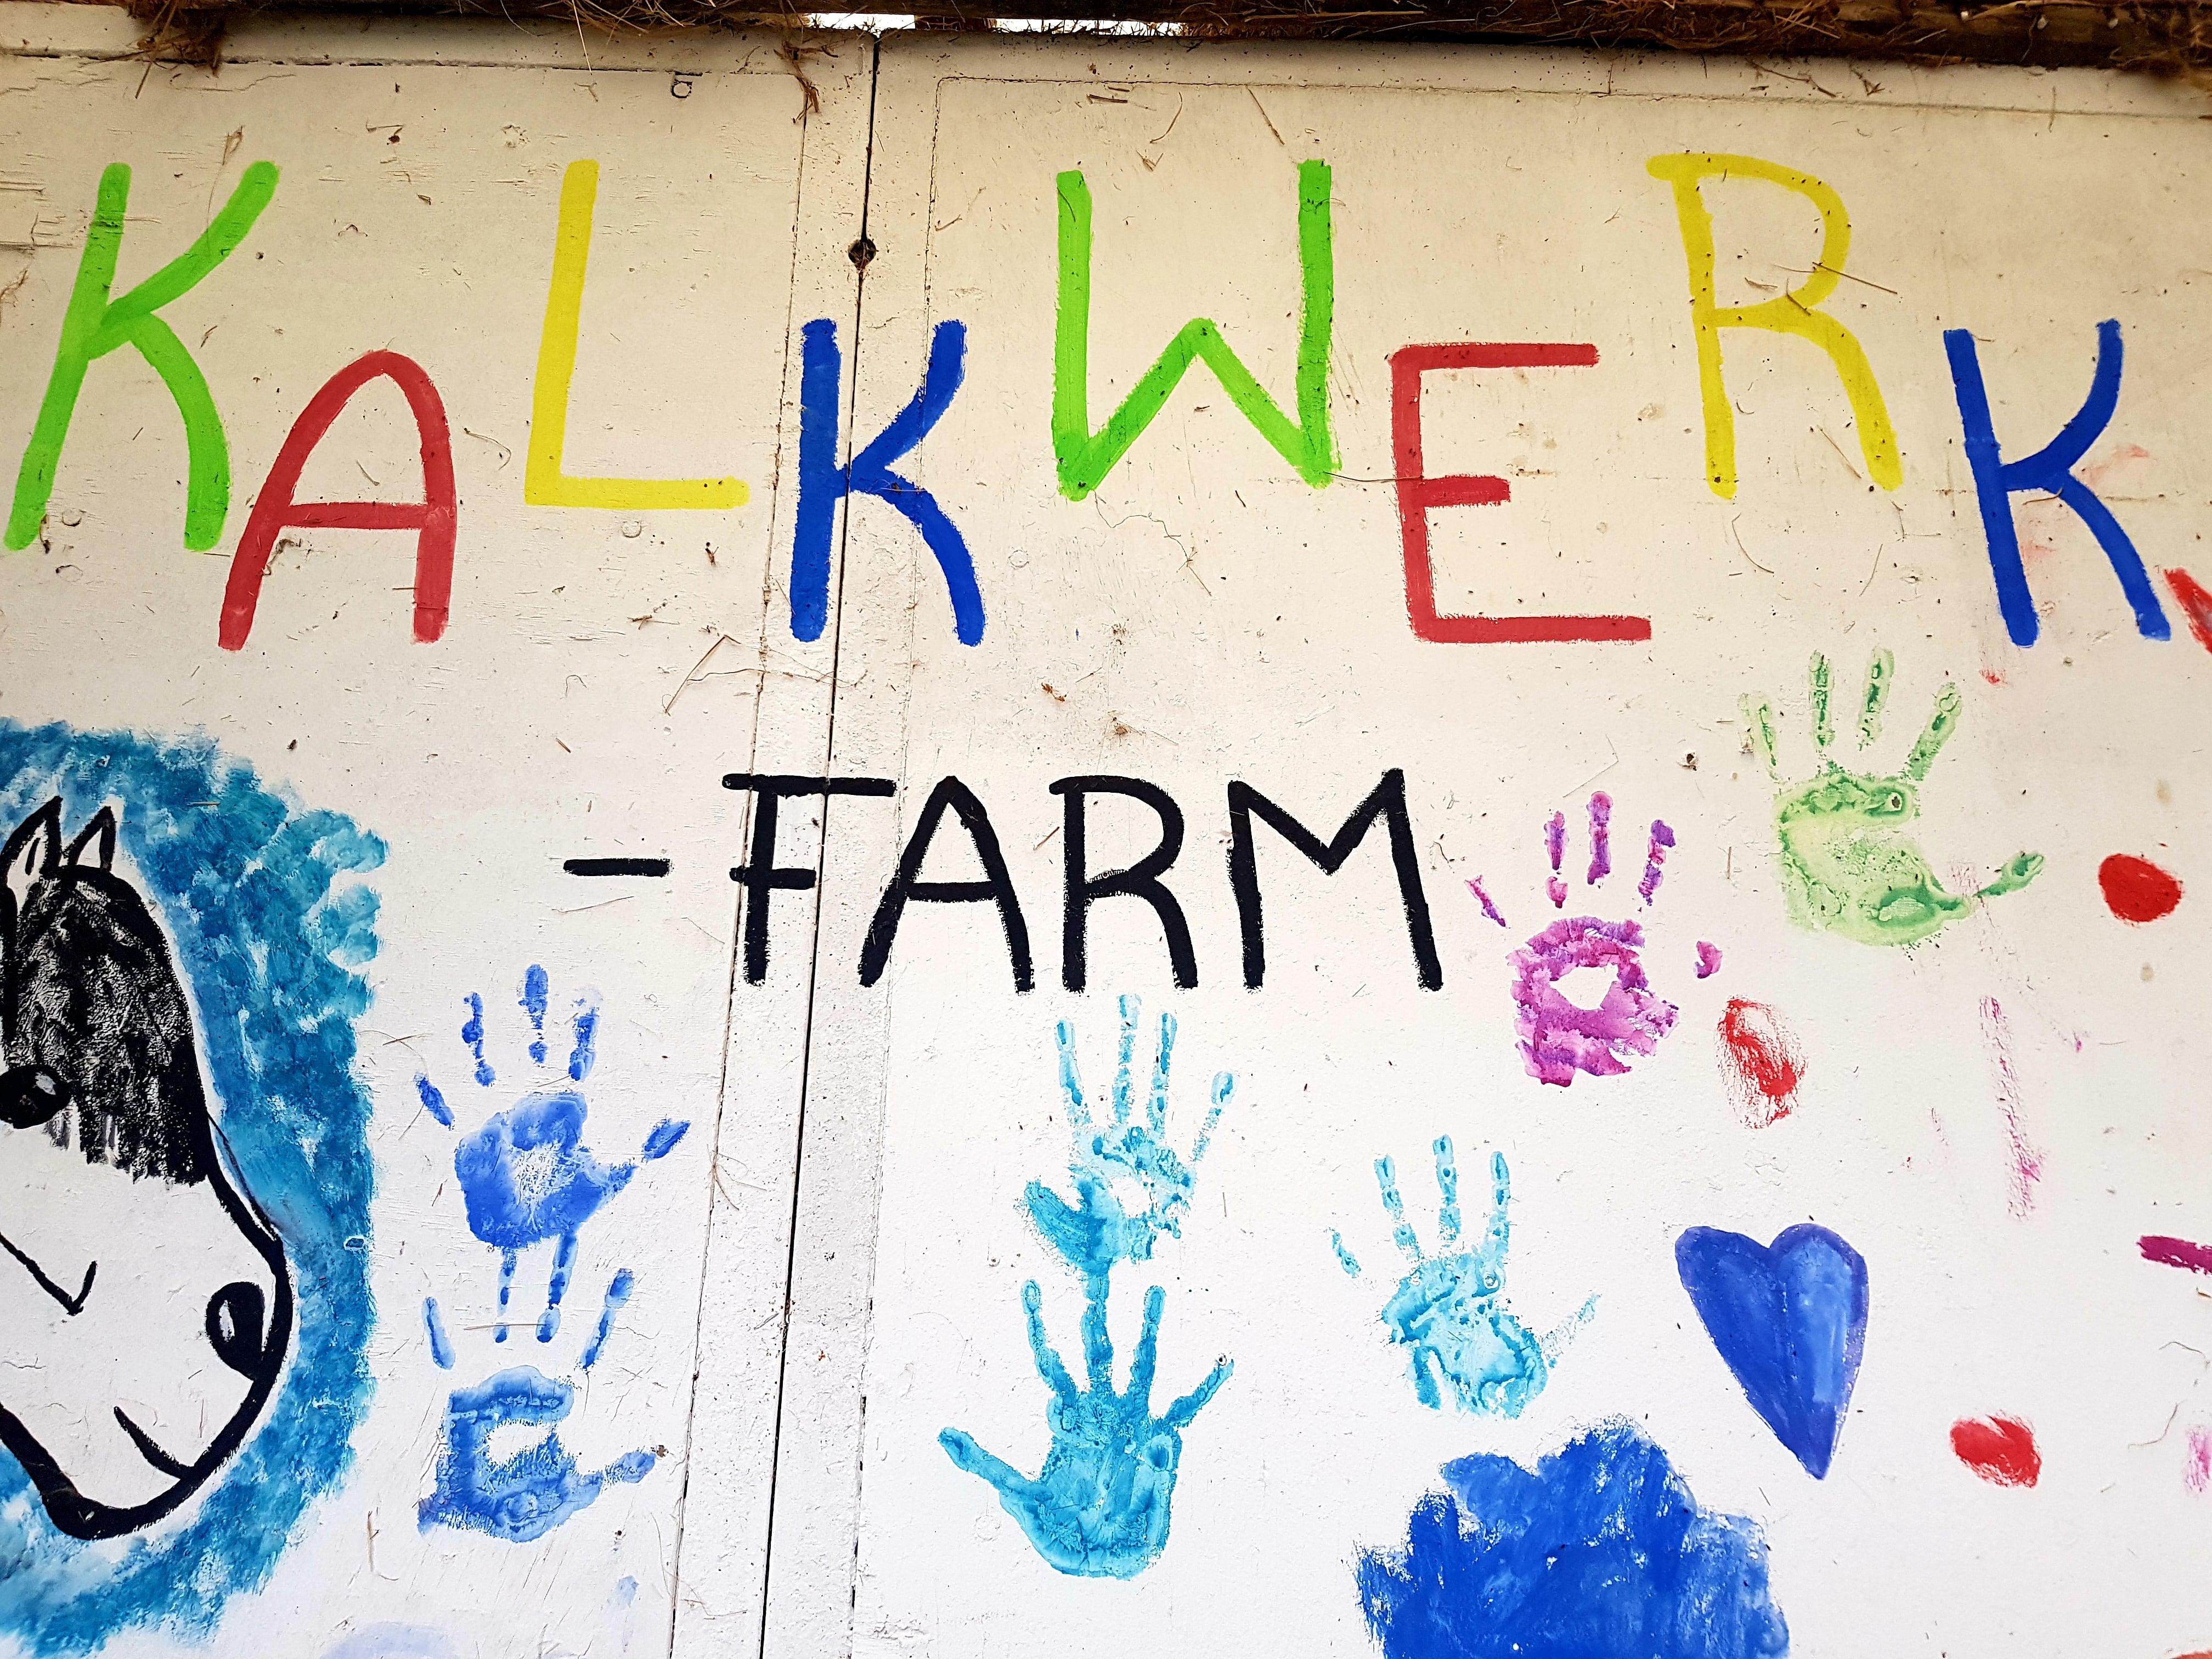 Die Kalkwerkfarm: ein tolles Ausflugsziel für die ganze Familie